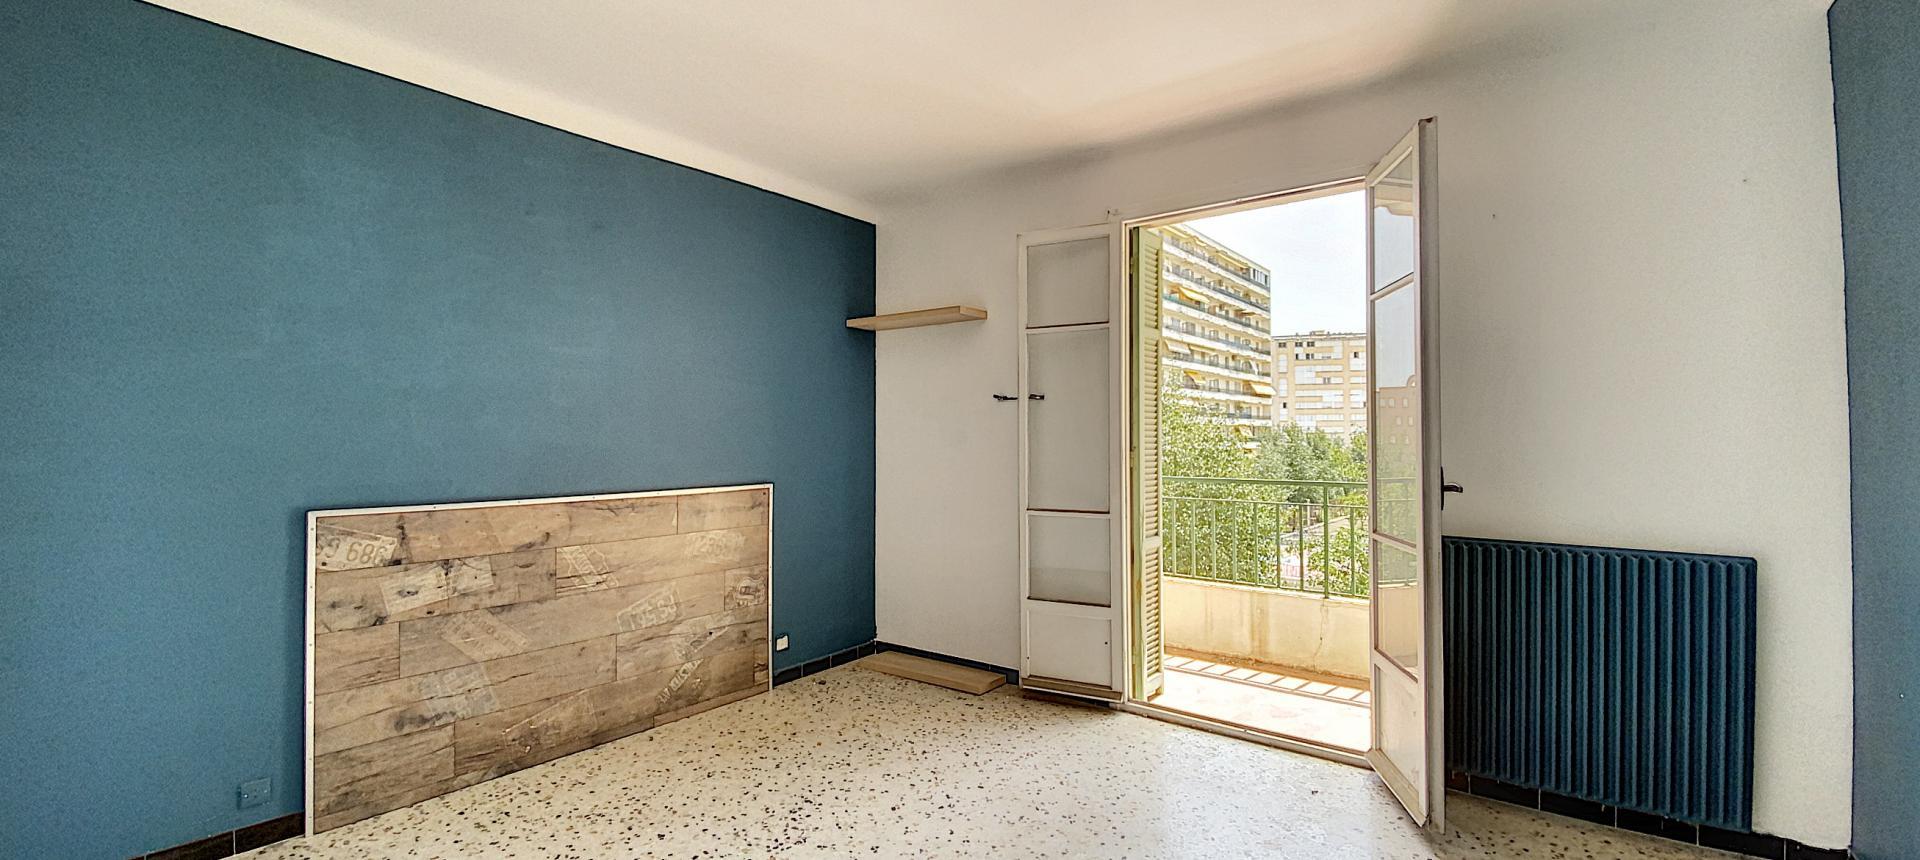 A vendre appartement F3 proche centre-ville - Vue chambre 1